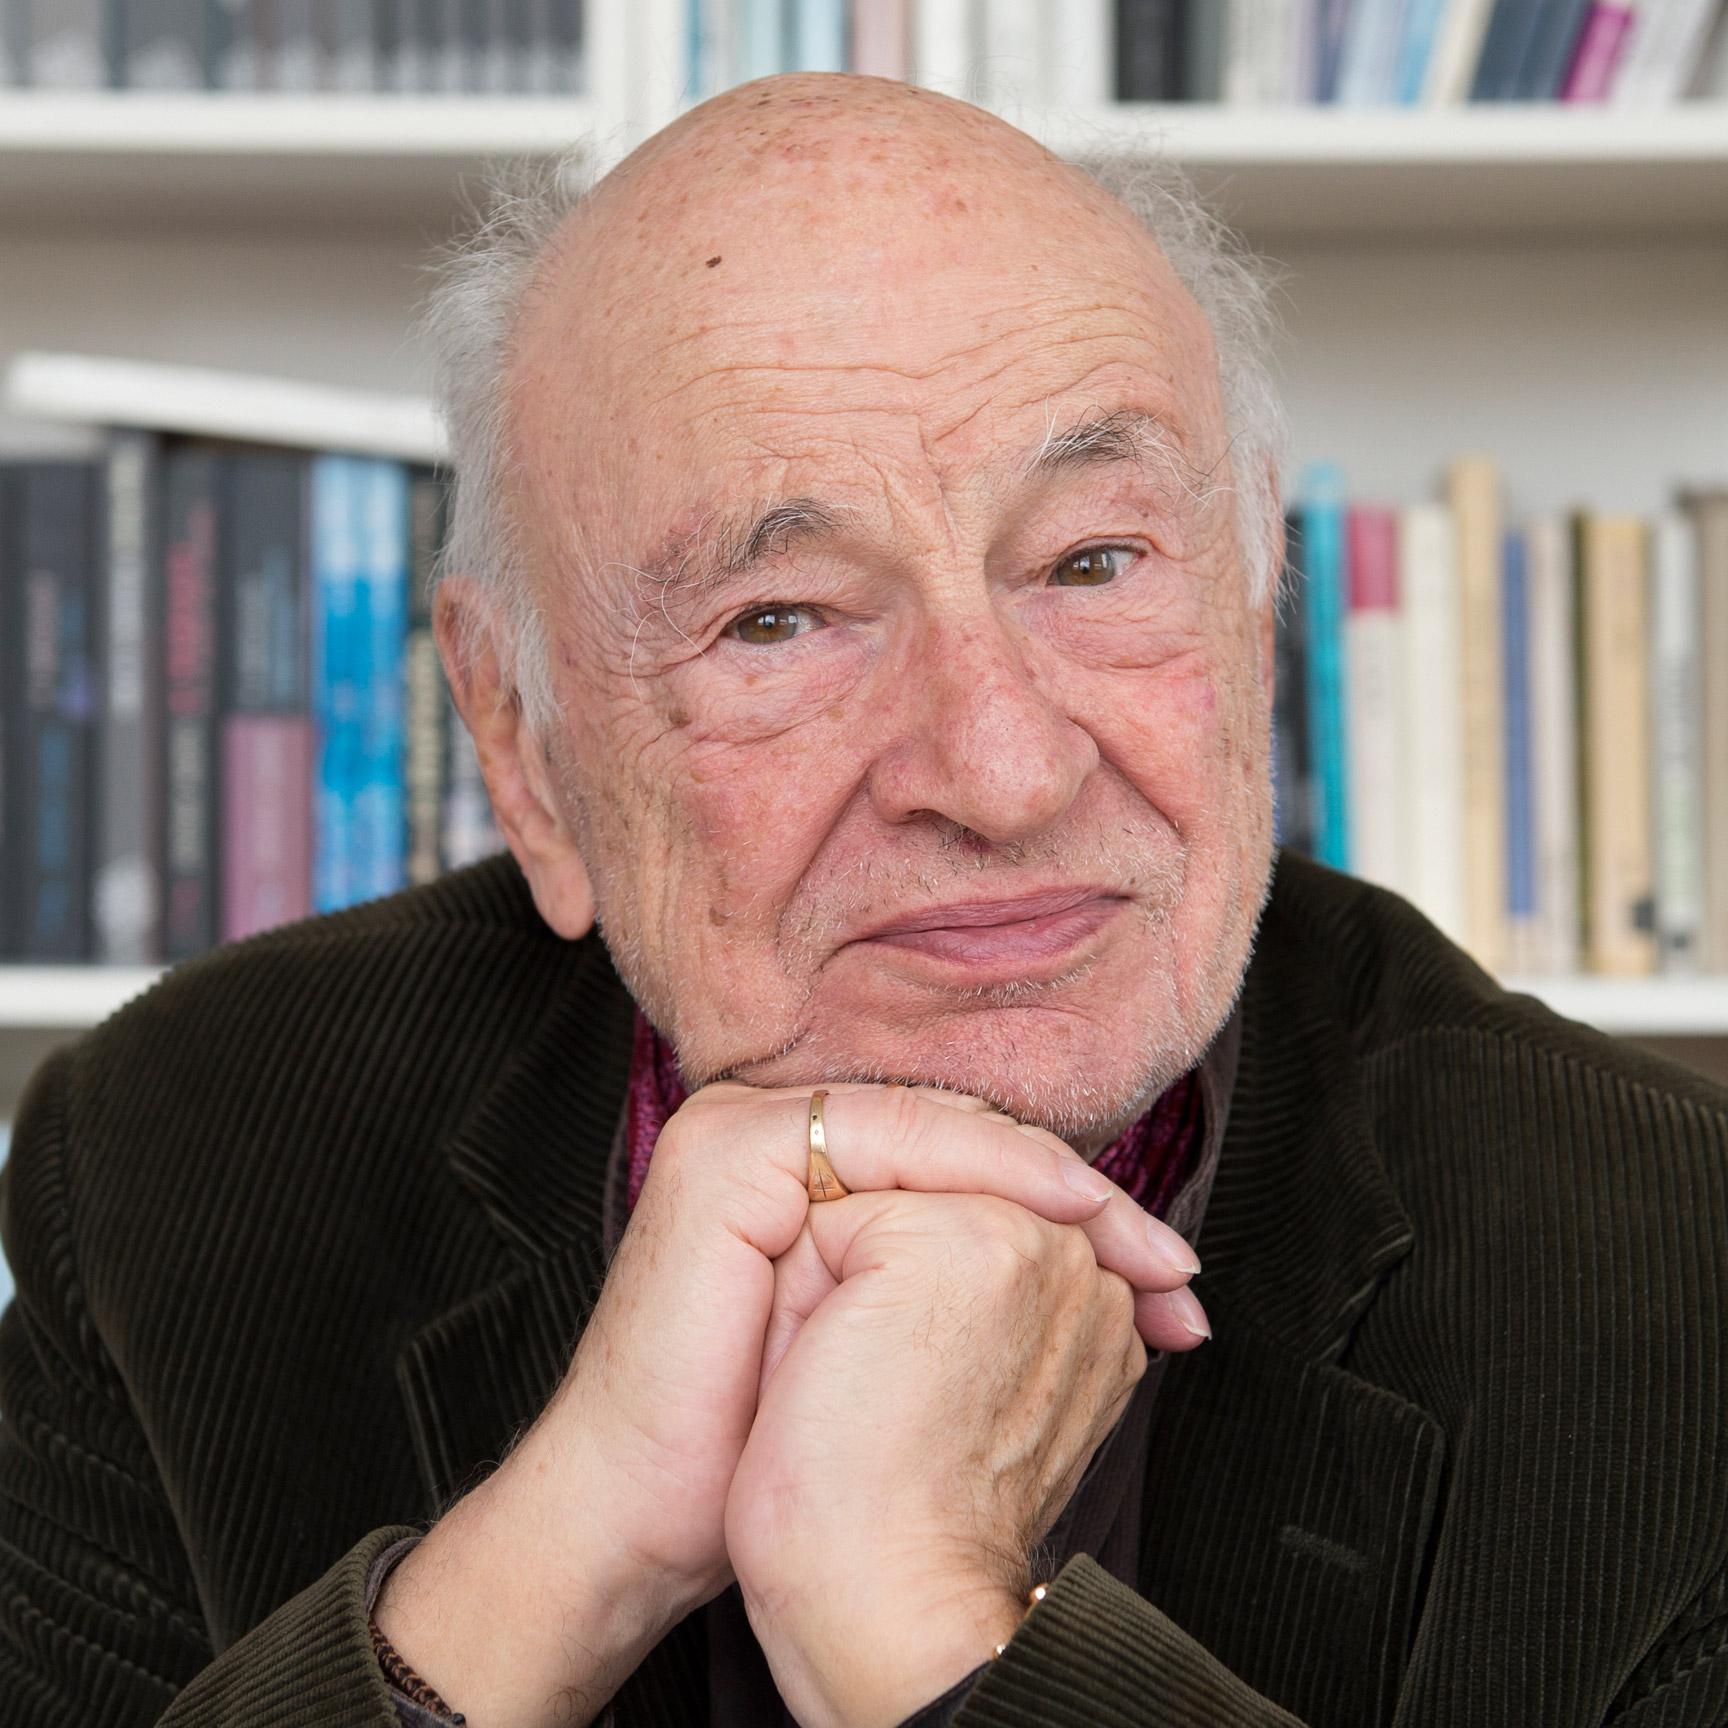 Marrakech rend hommage à Edgar Morin: Le Père de la pensée complexe et bientôt centenaire